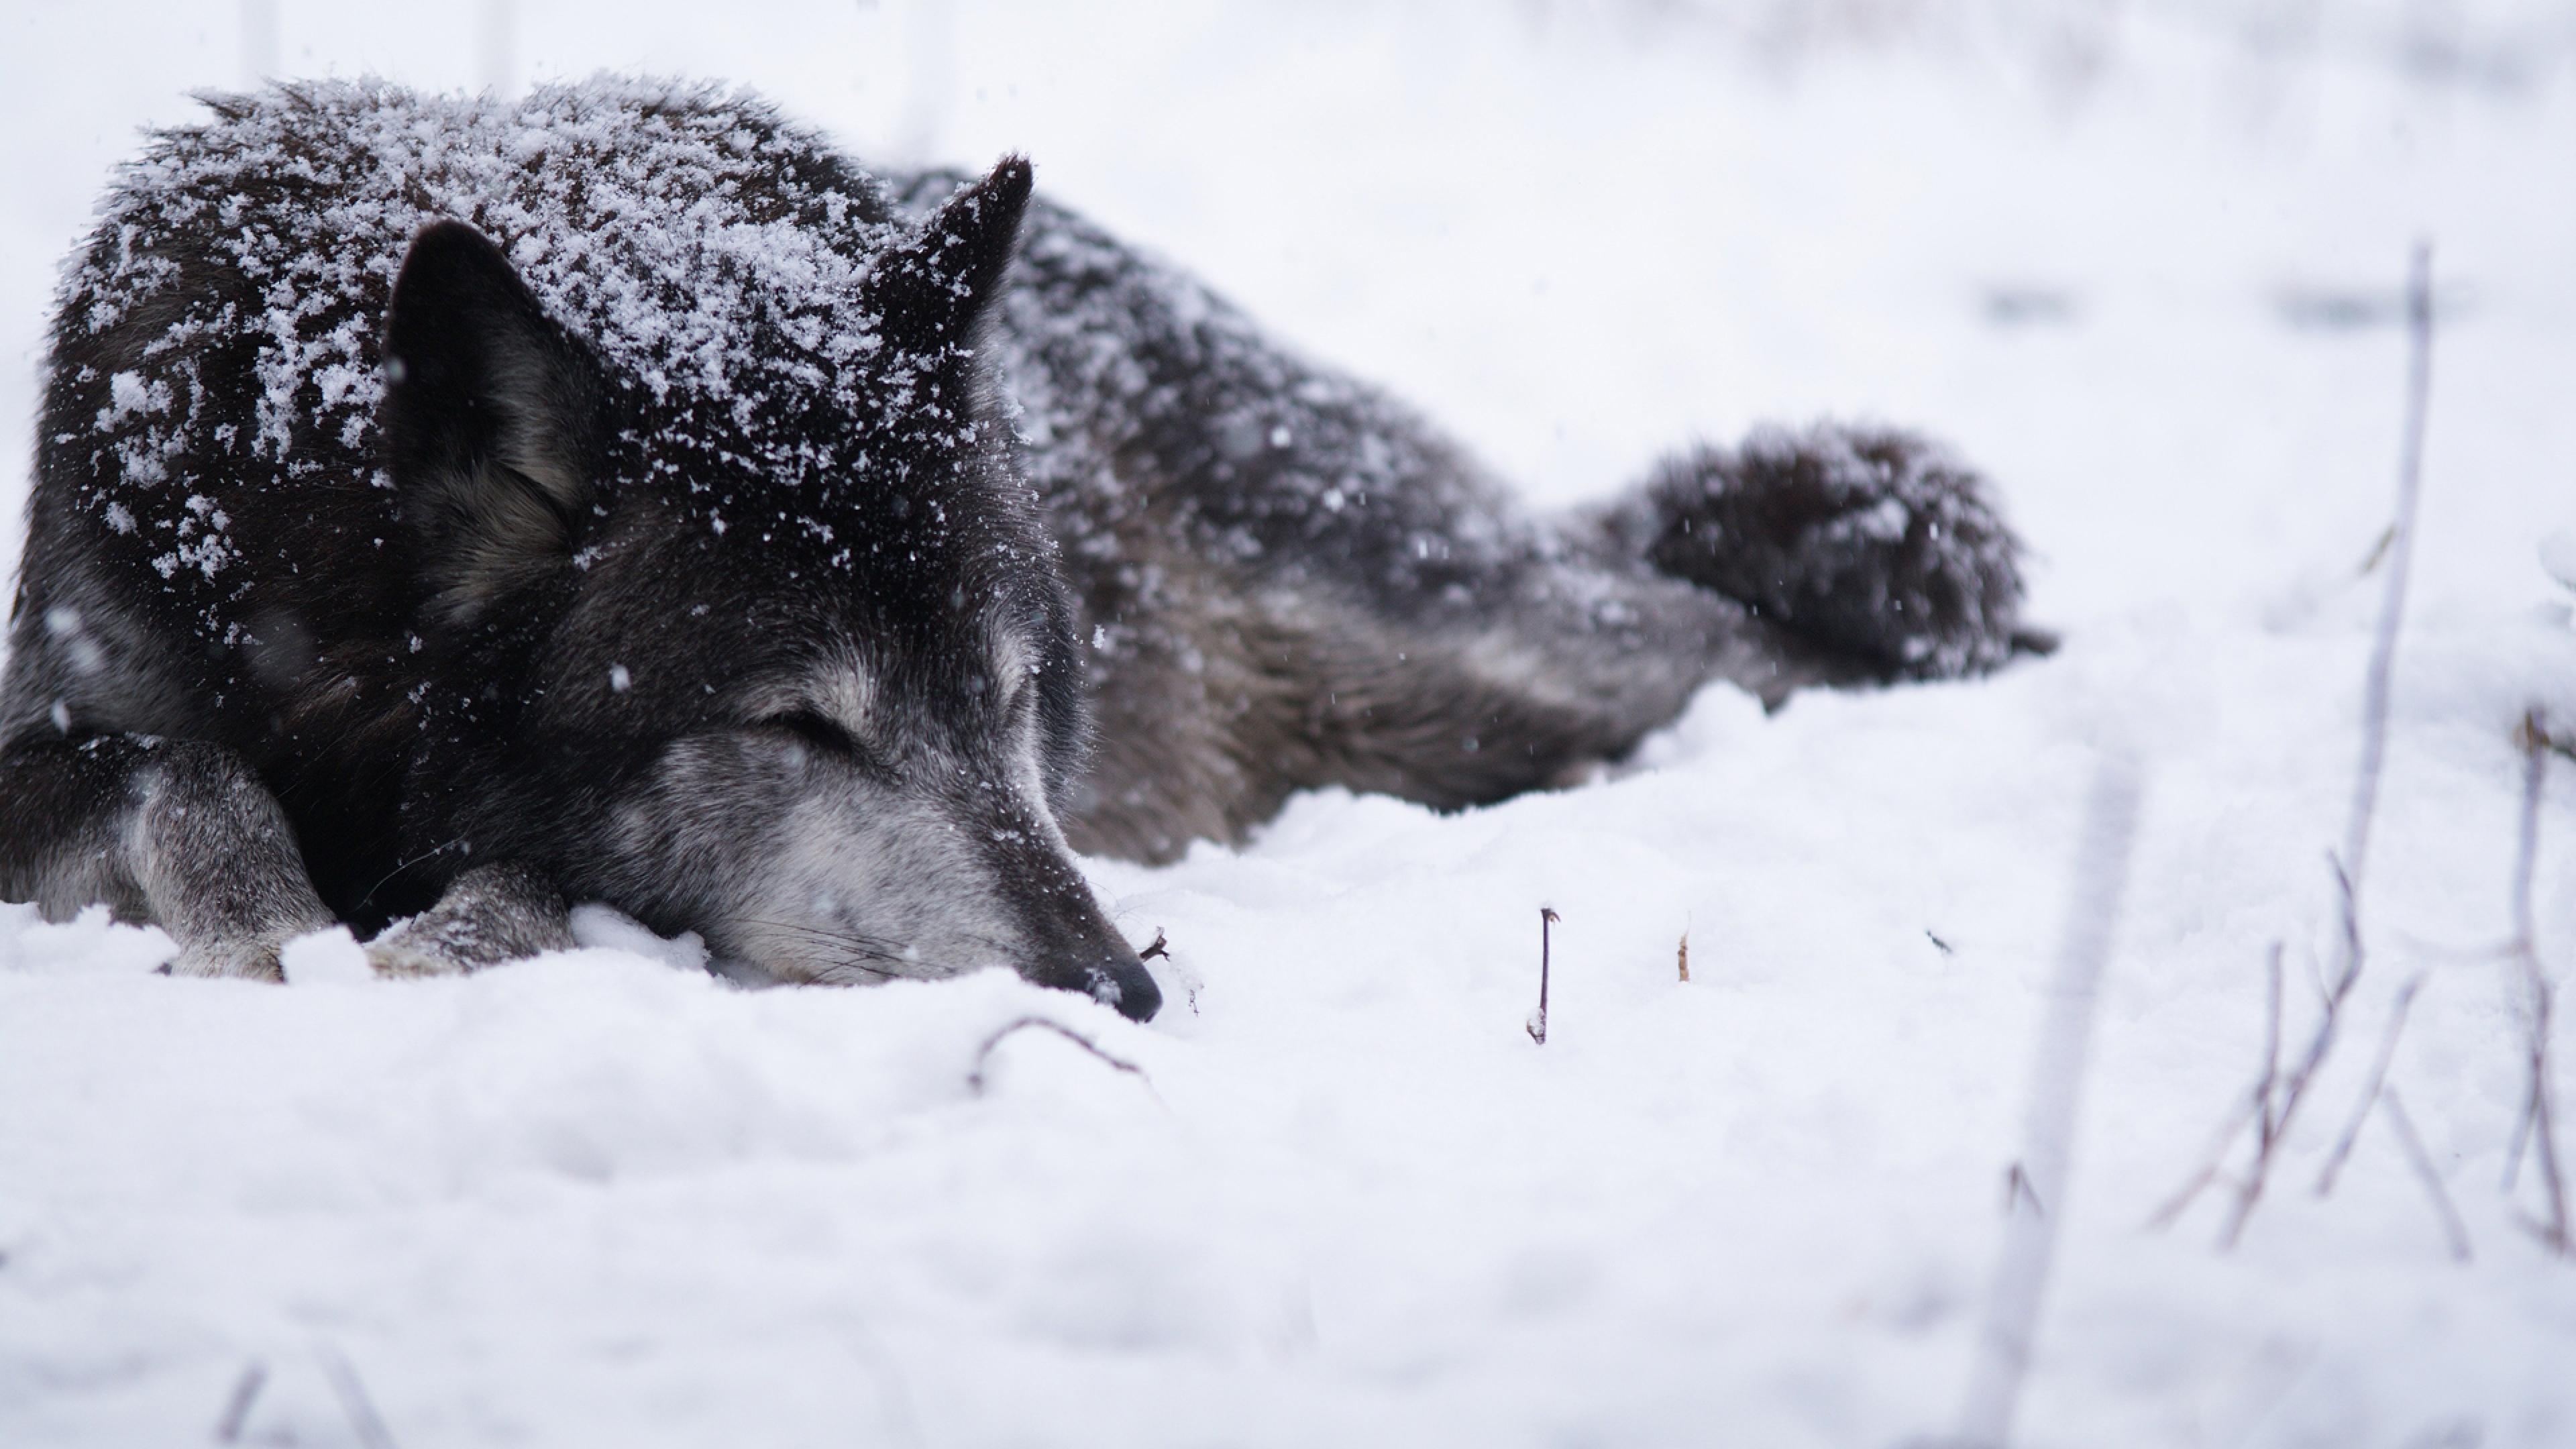 Wolf Snow Blizzard Cold Warm Black white Wallpaper Background 4K 3840x2160